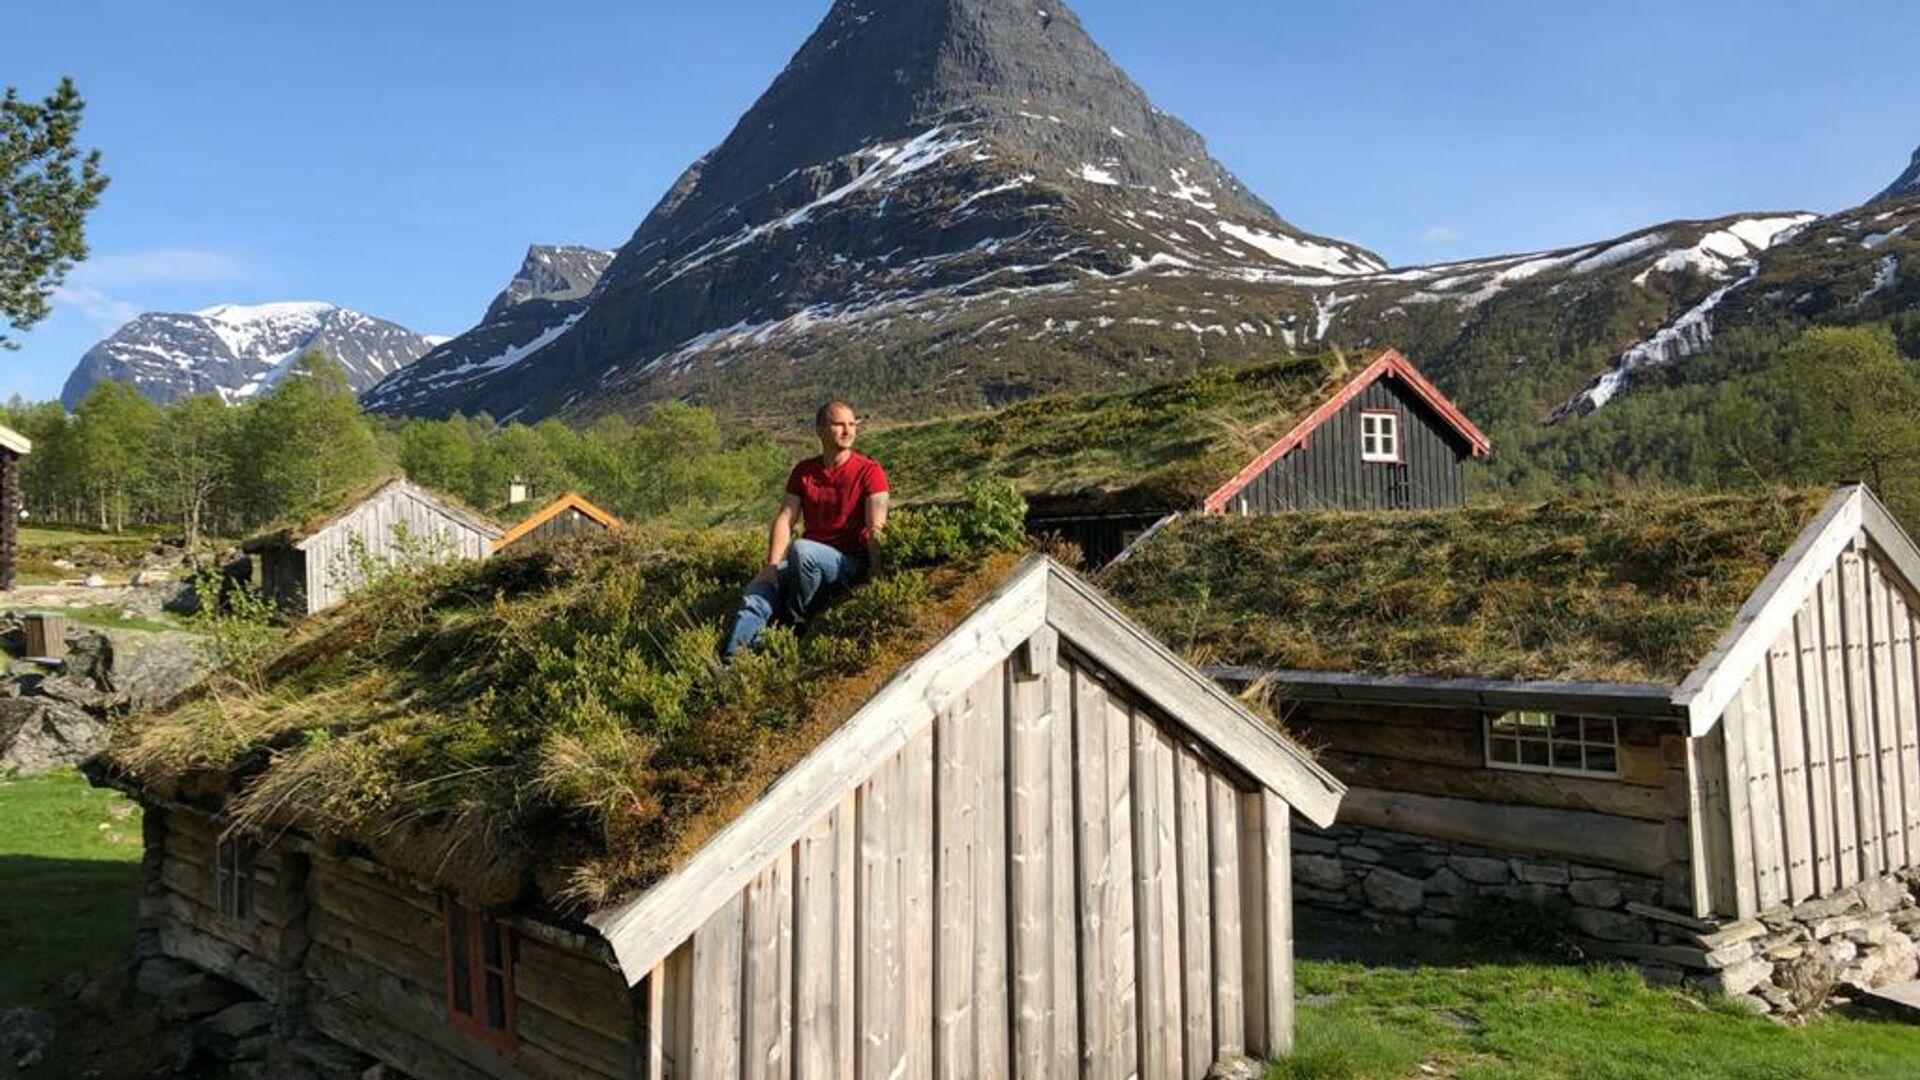 Традиционные травяные крыши в Норвегии - РИА Новости, 1920, 03.07.2020